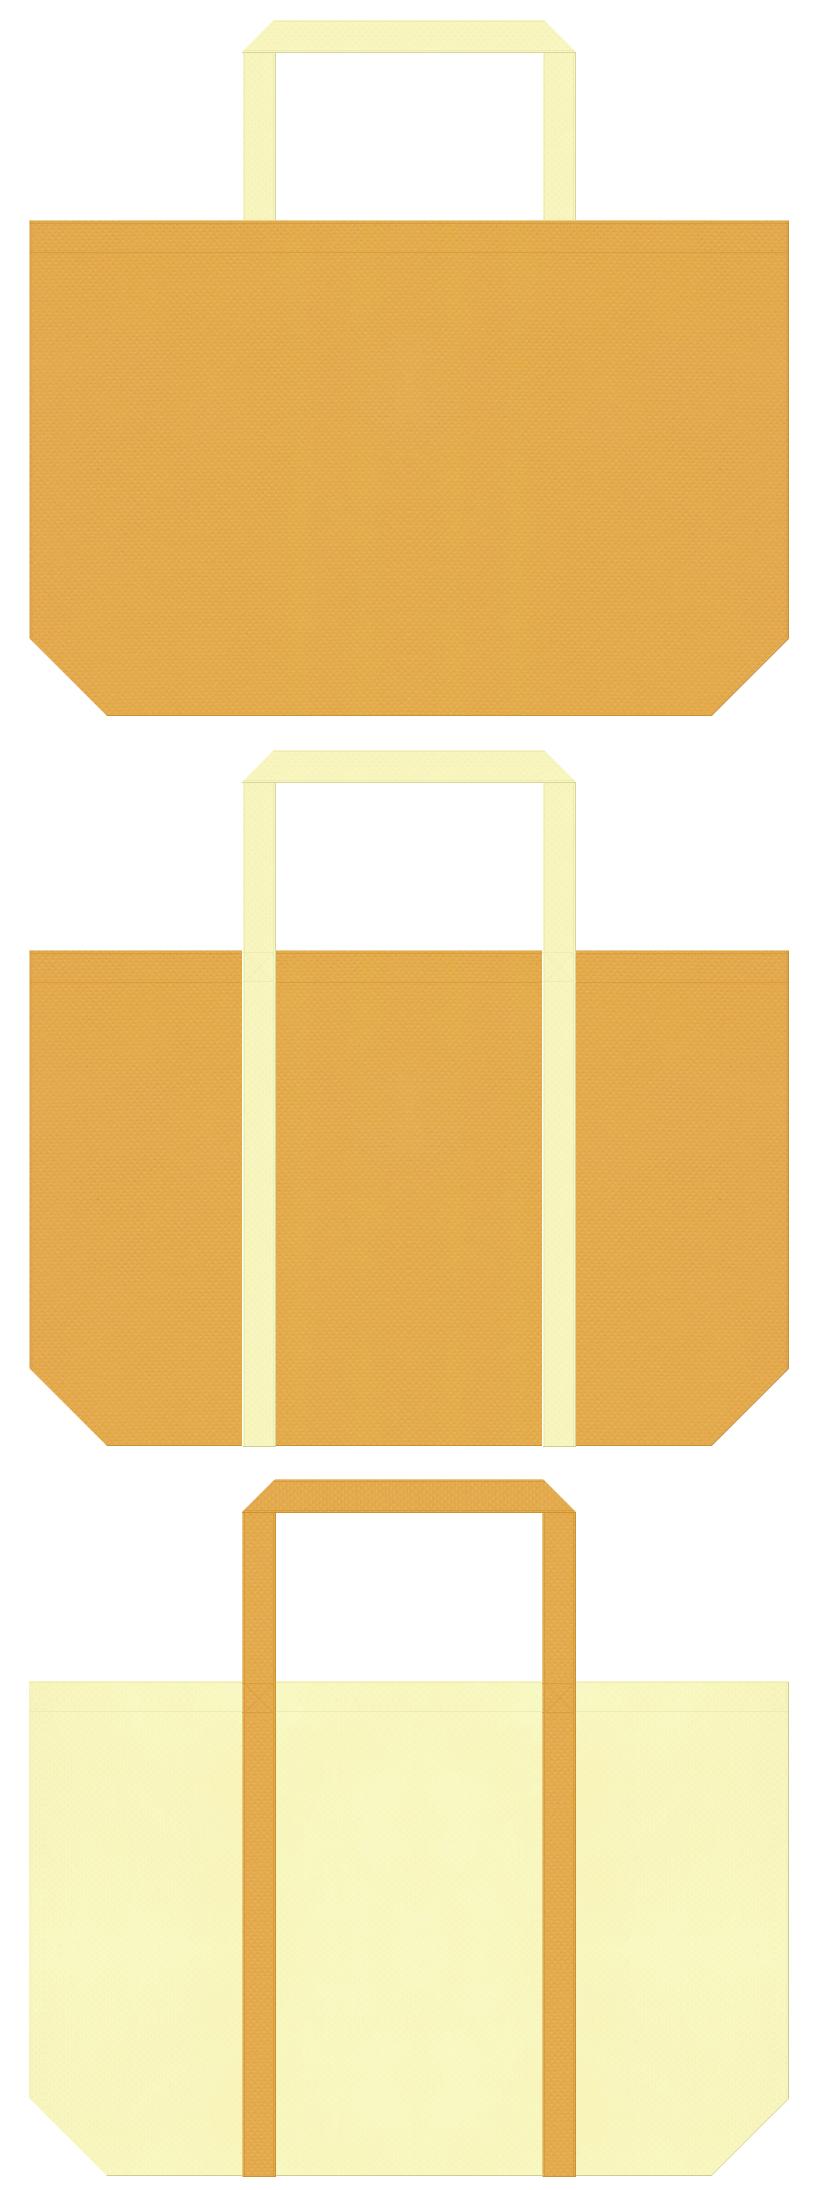 鯛焼き・どら焼き・和菓子・クレープ・クッキー・マーガリン・クリームパン・ホットケーキ・チーズケーキ・スイーツ・ベーカリー・フライドポテト・揚げ物のショッピングバッグにお奨めの不織布バッグデザイン:黄土色と薄黄色のコーデ